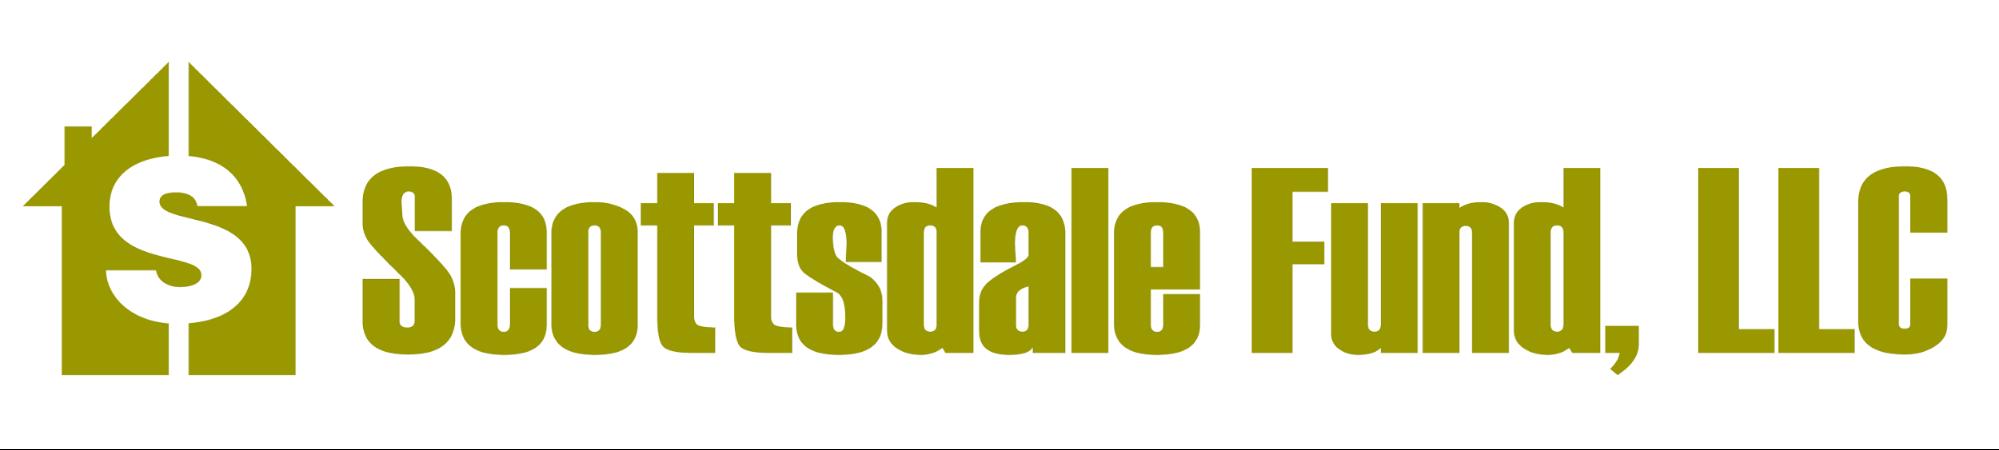 Scottsdale Fund, LLC